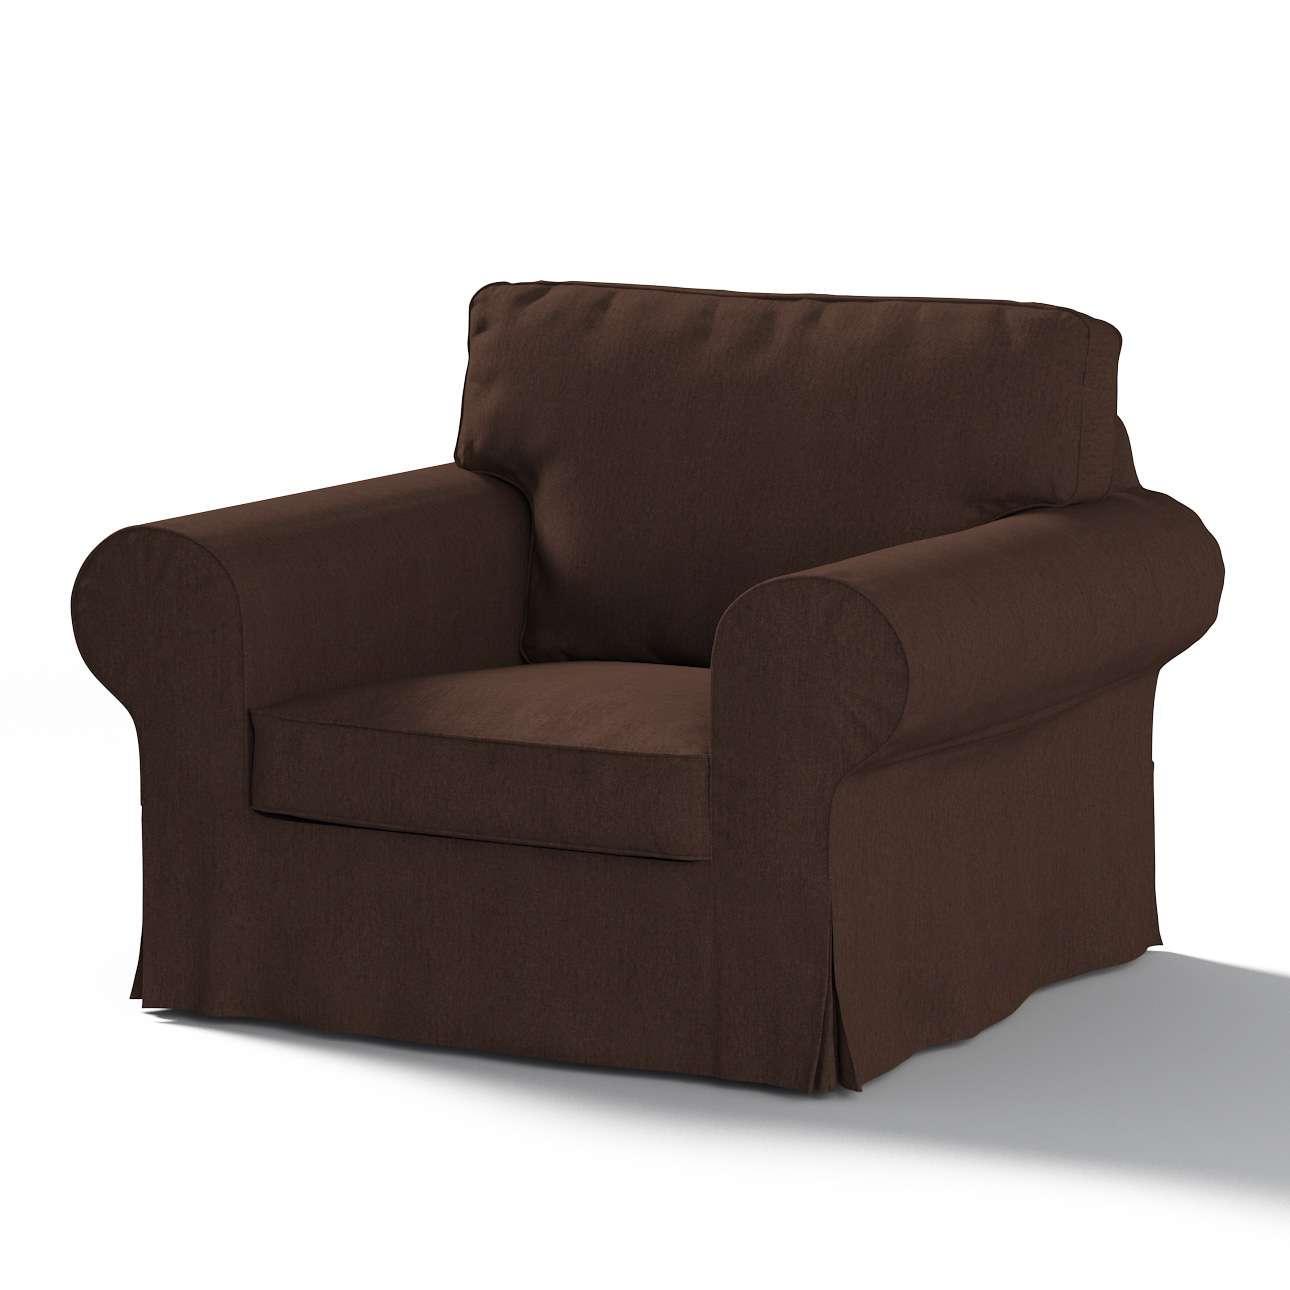 EKTORP fotelio užvalkalas Ektorp fotelio užvalkalas kolekcijoje Chenille, audinys: 702-18